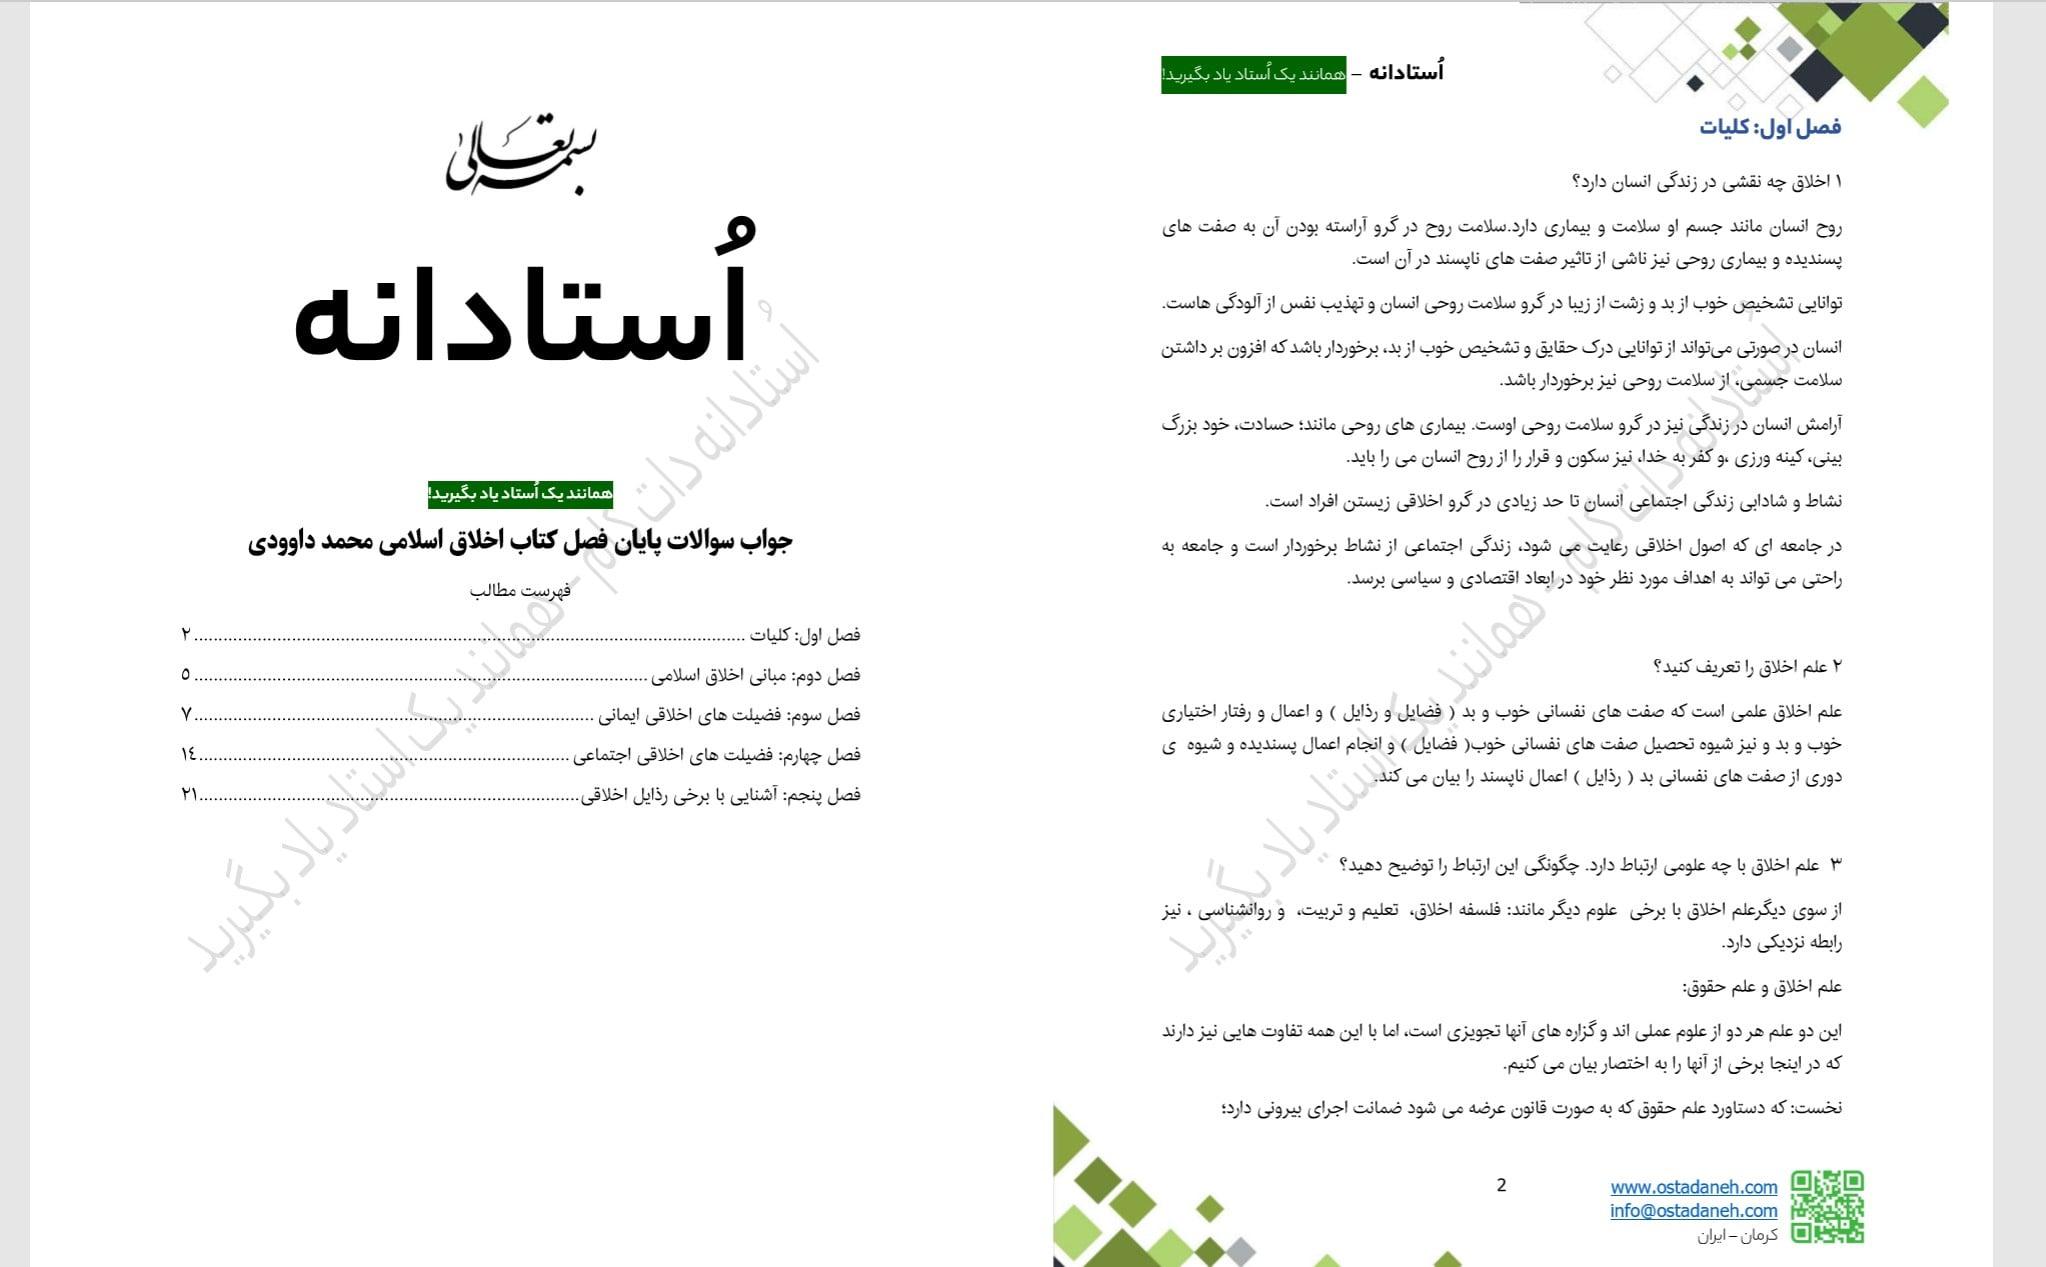 تصویر جواب سوالات فصل به فصل اخلاق اسلامی داوودی شاخص